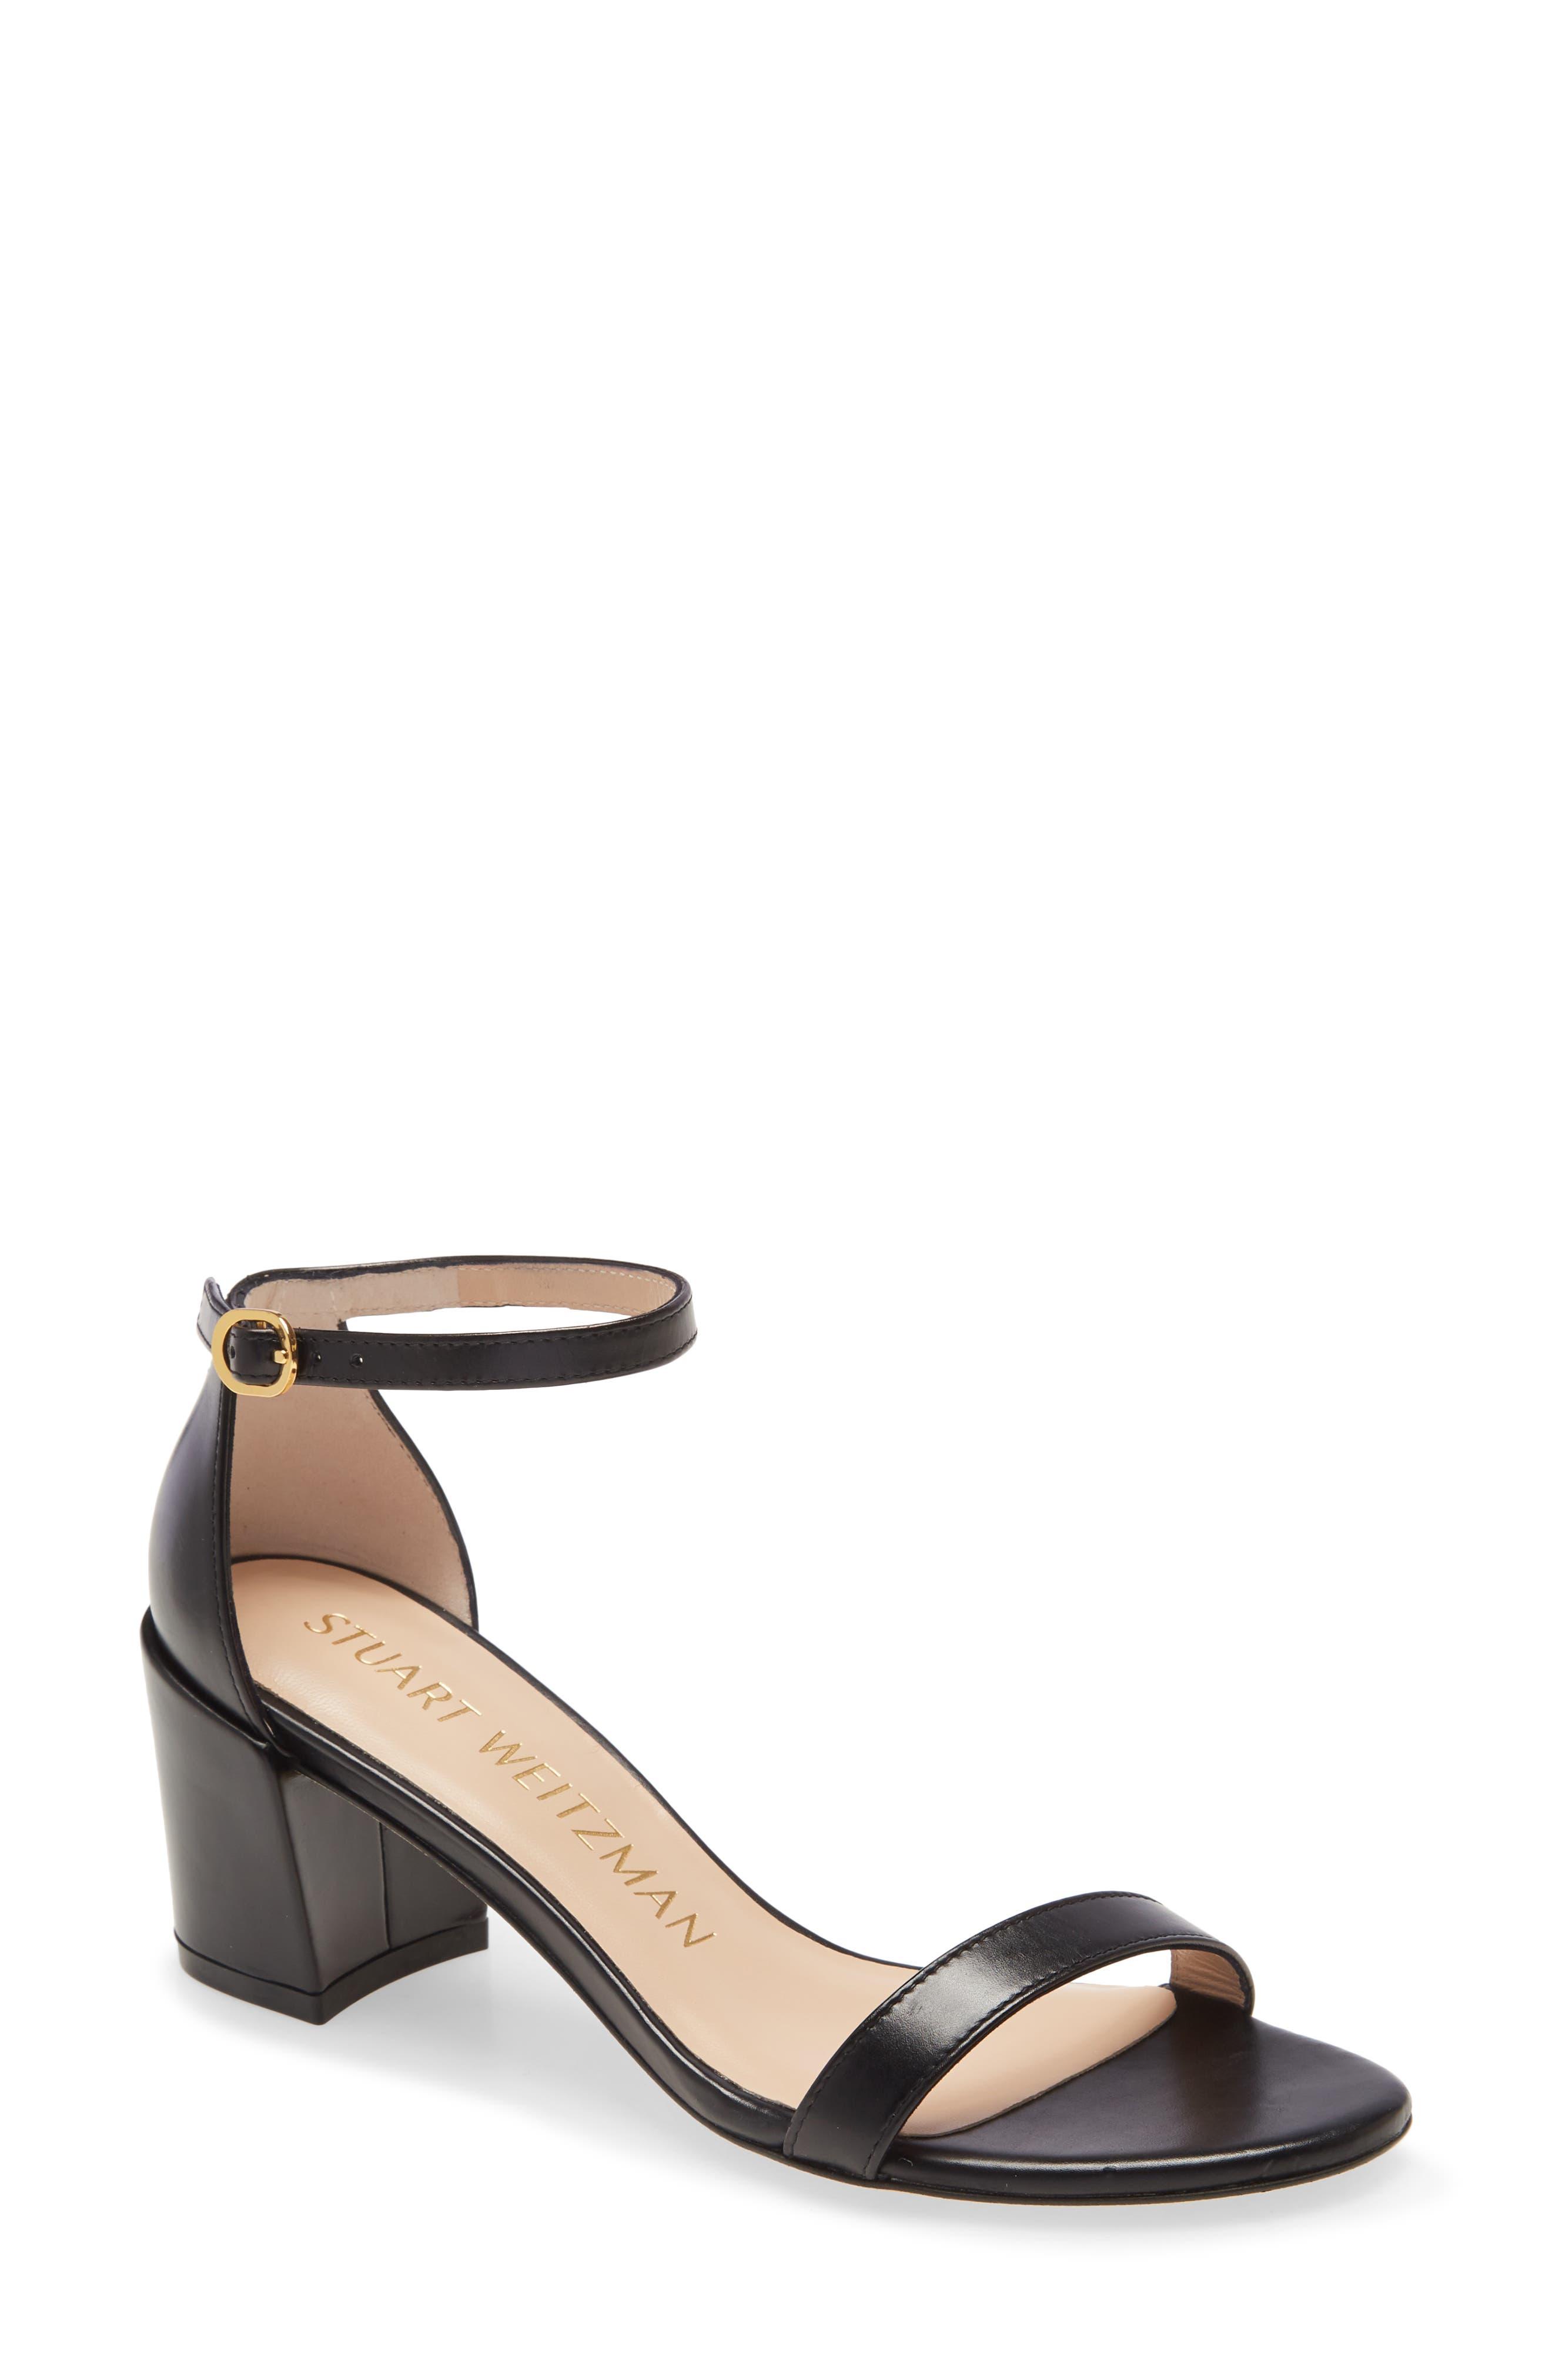 Women's Stuart Weitzman Shoes | Nordstrom